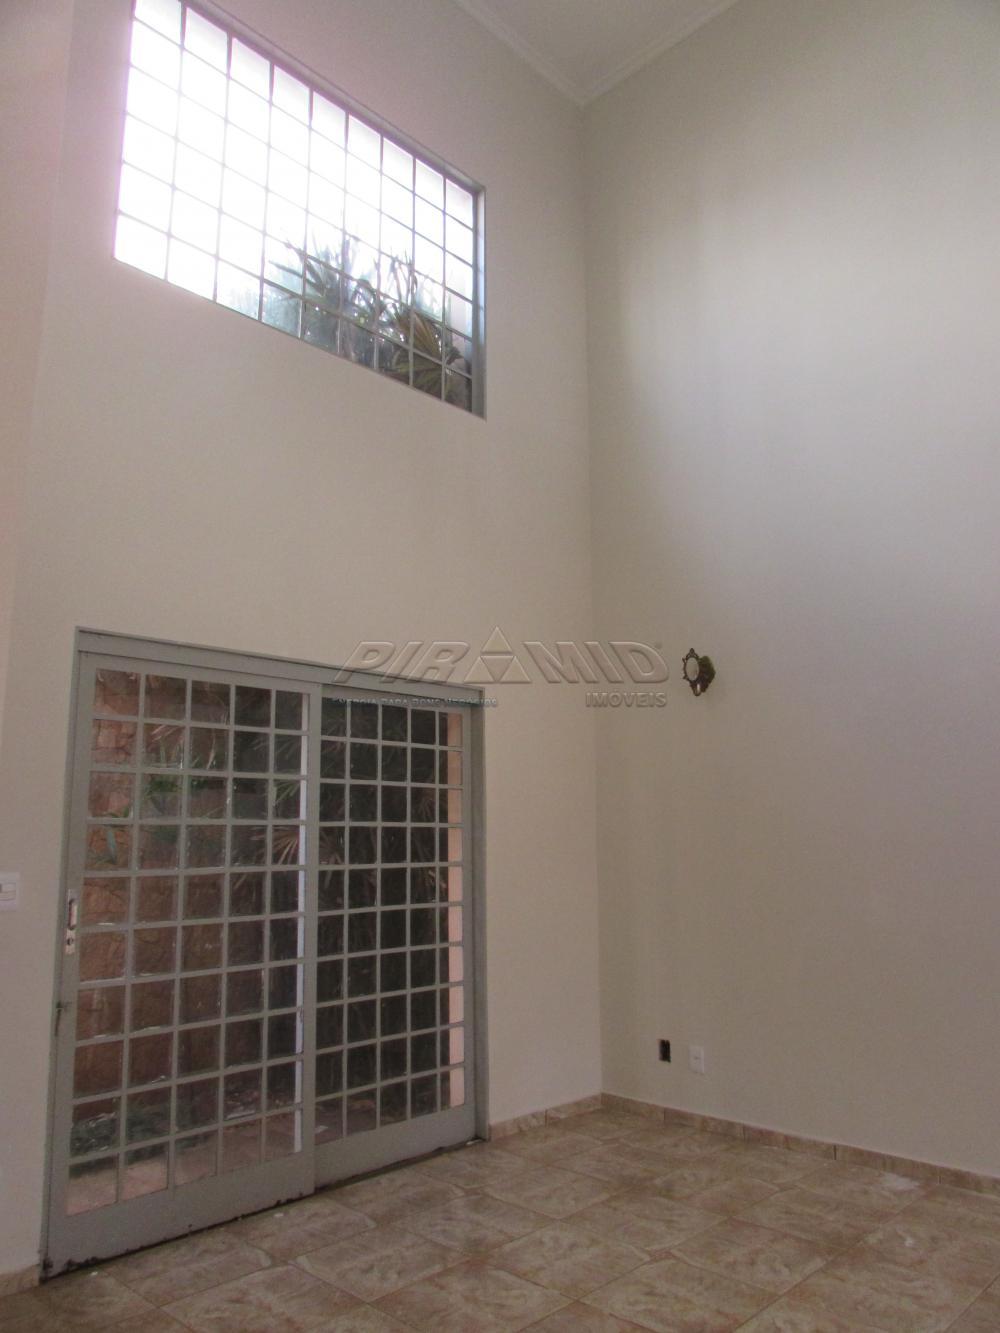 Alugar Casa / Padrão em Ribeirão Preto apenas R$ 3.000,00 - Foto 20